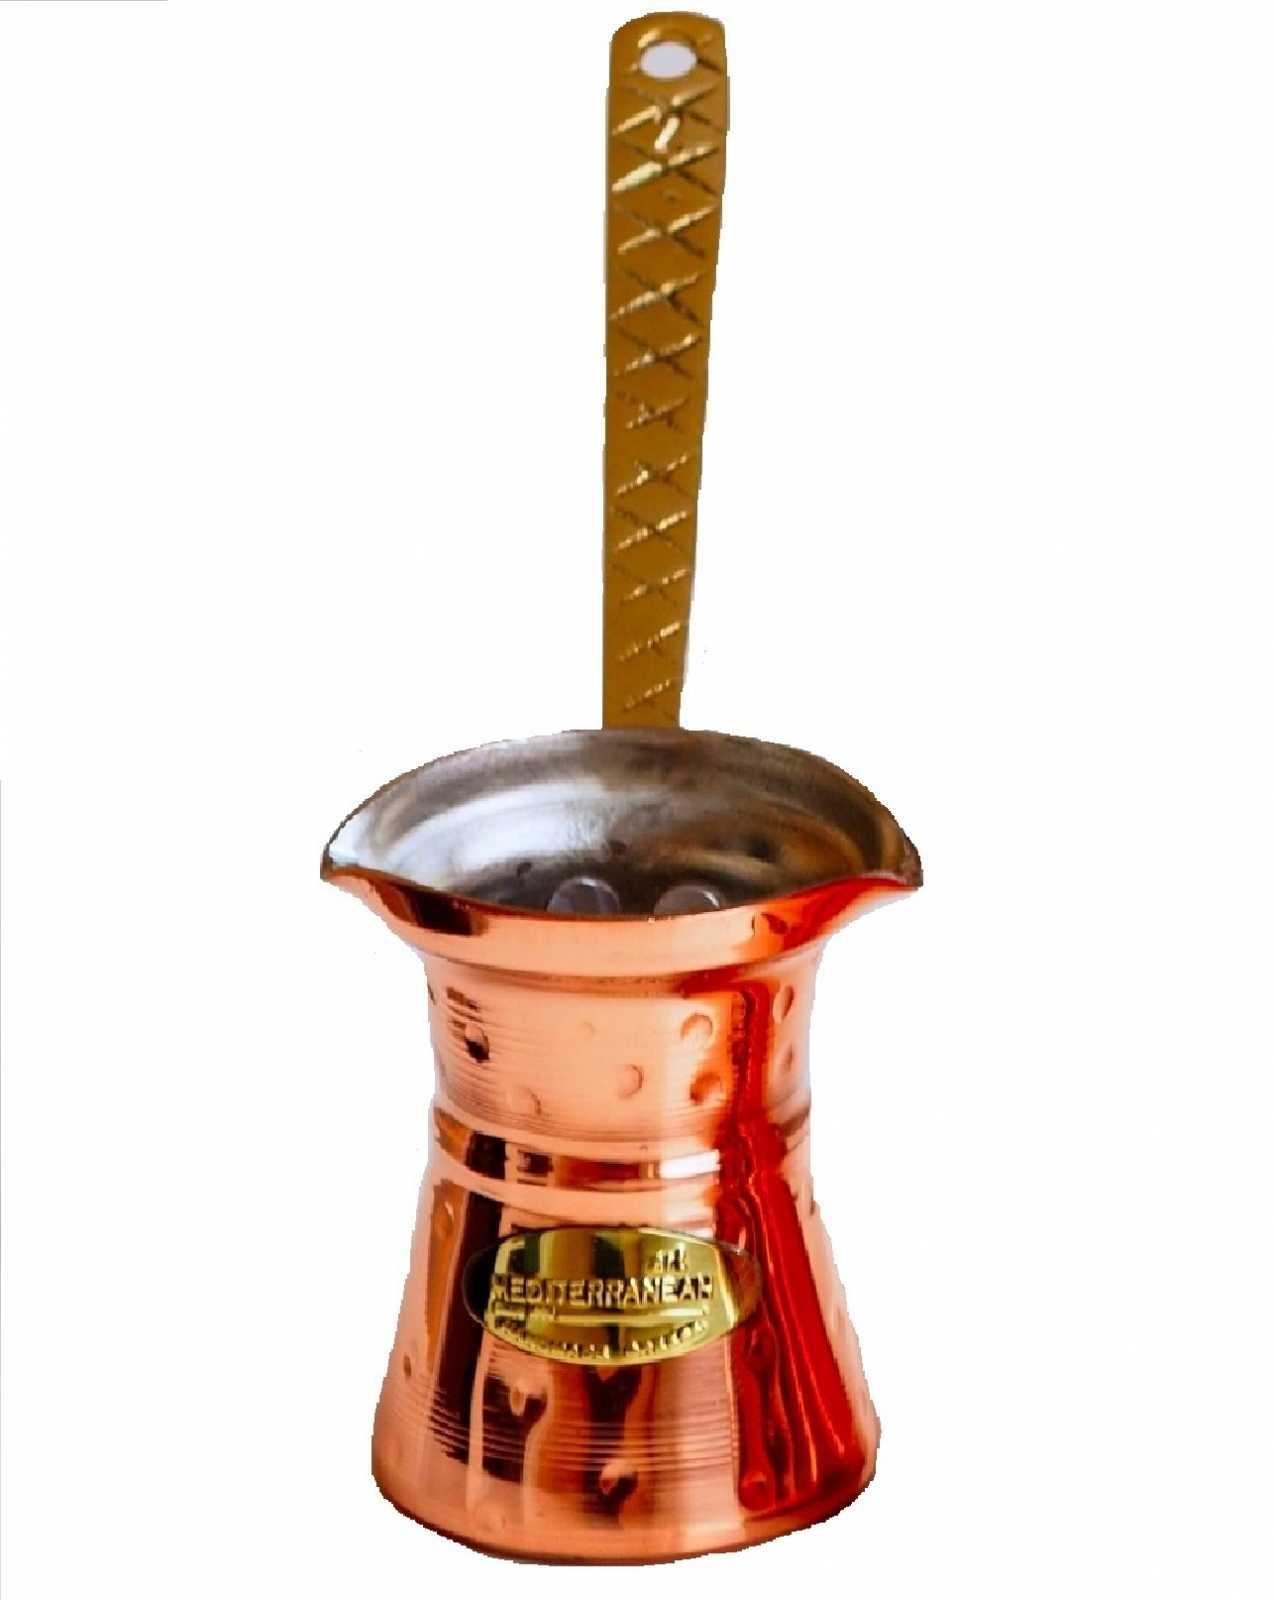 Онлайн каталог PROMENU: Джезва медная для приготовления кофе Mediterranean Art, объем 250 мл, медный Kavounis Leonidas O.E. 3004